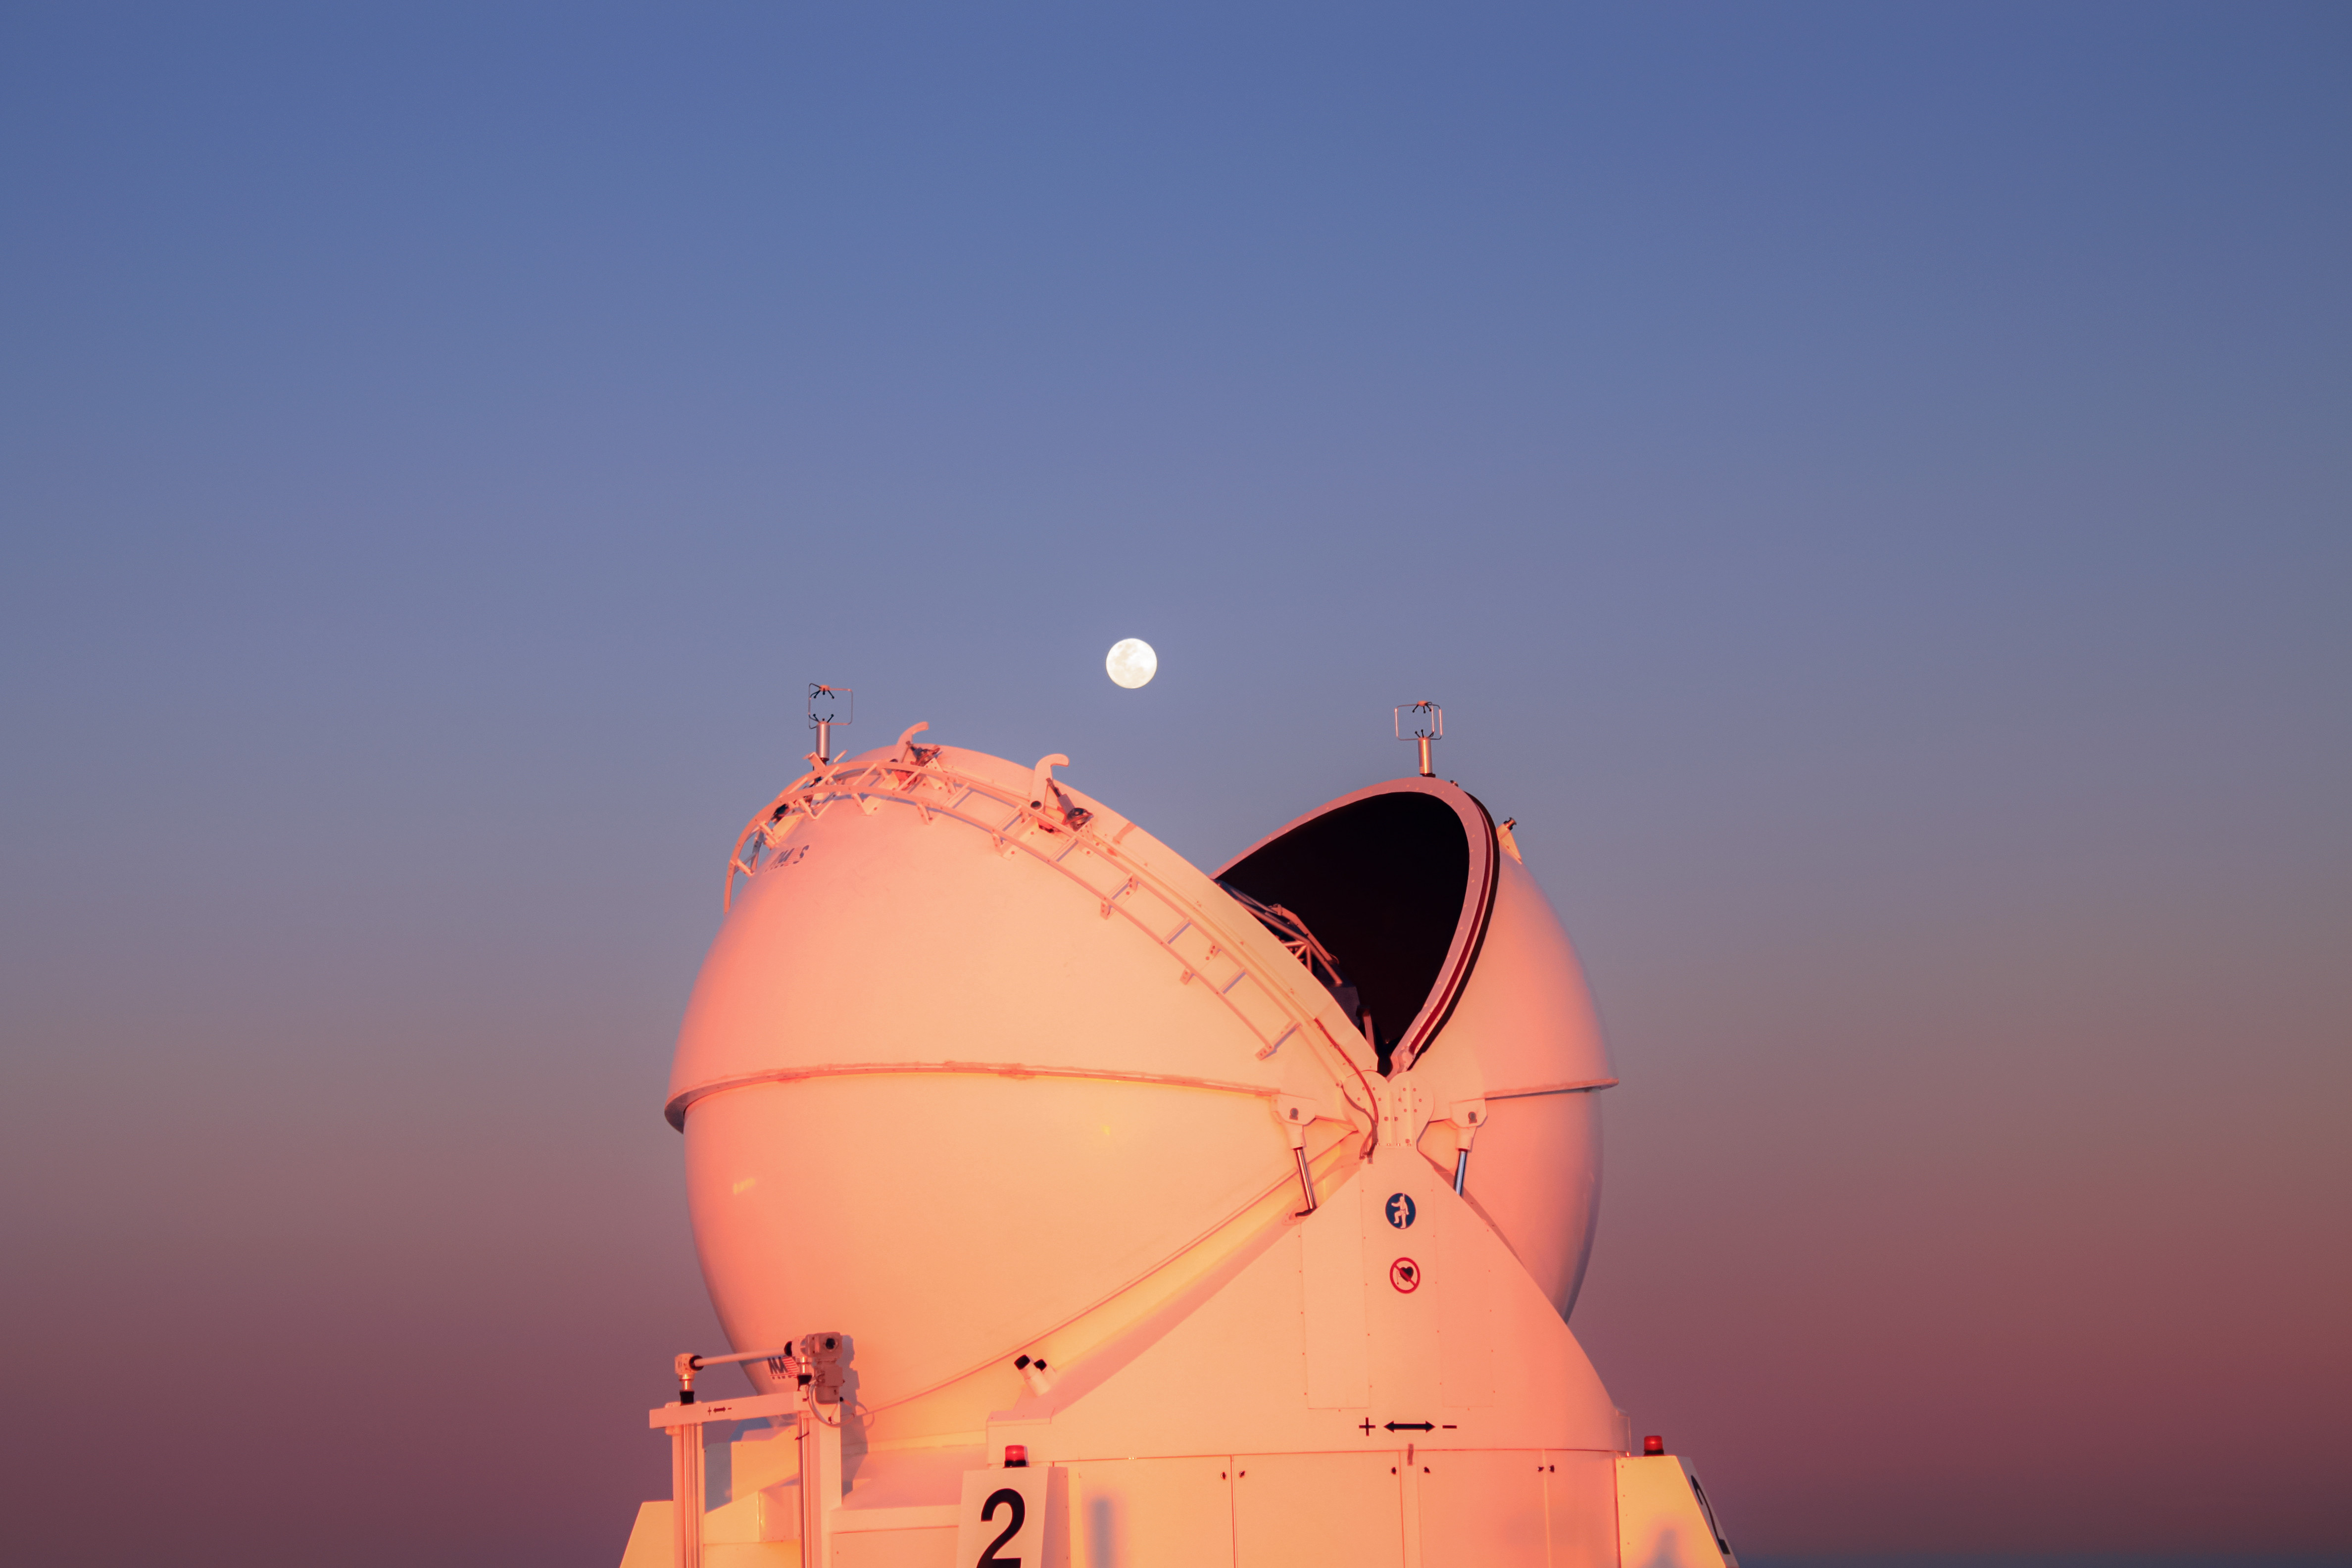 9 - Pacman et la lune